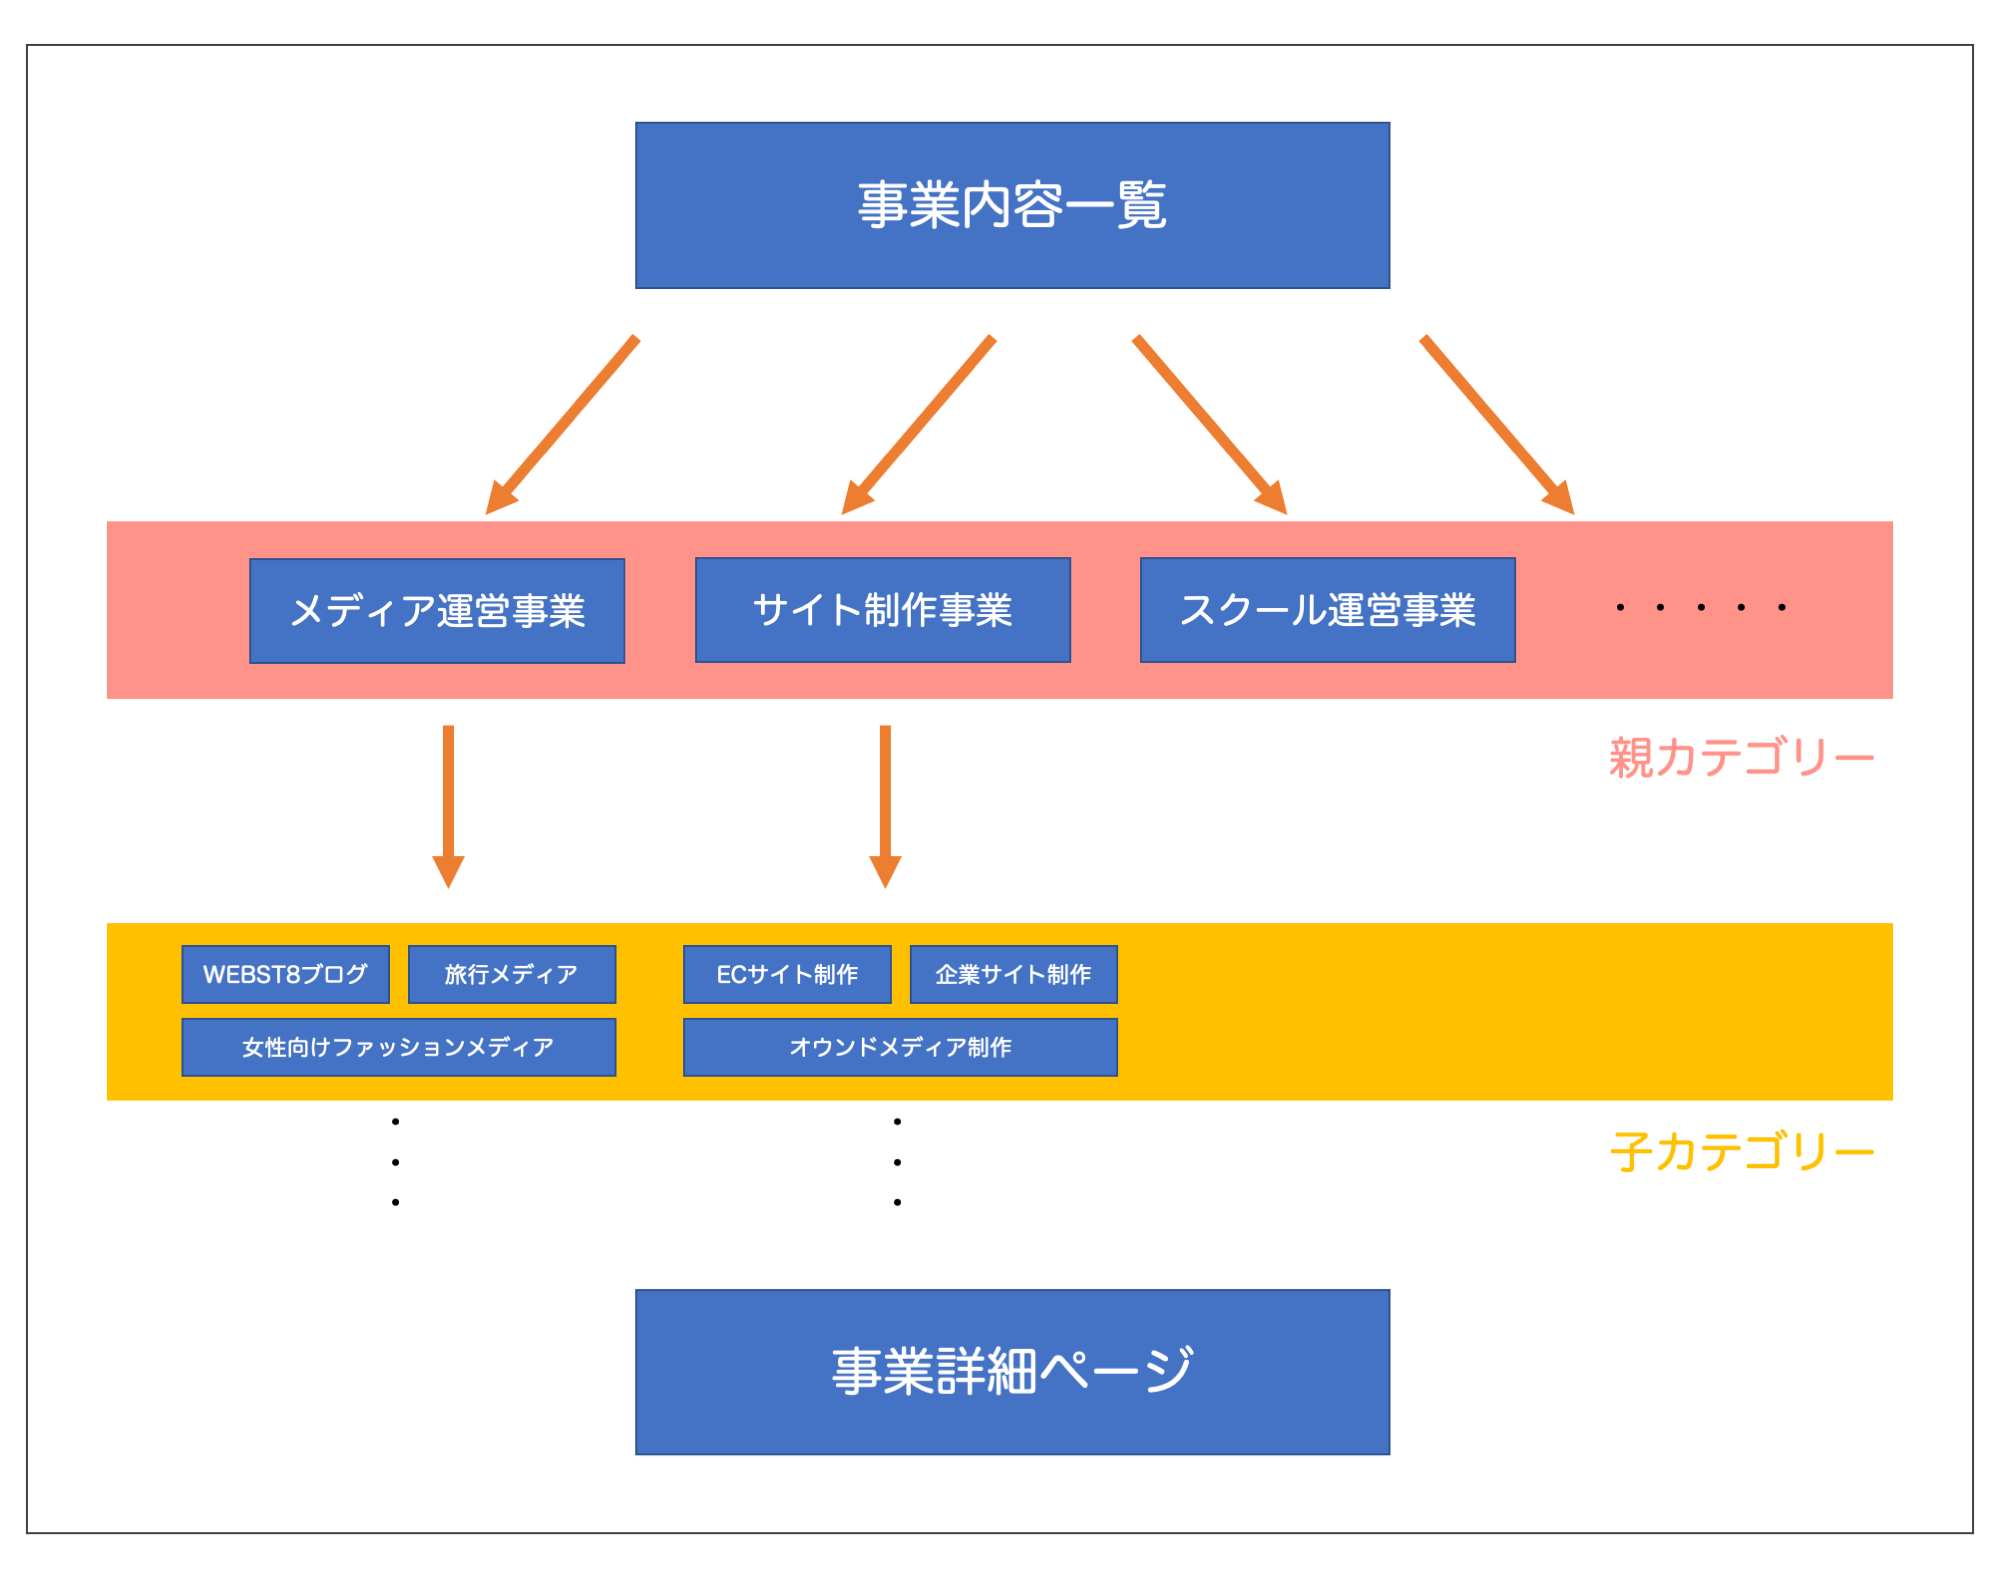 「NANO」の事業内容ページの階層構造